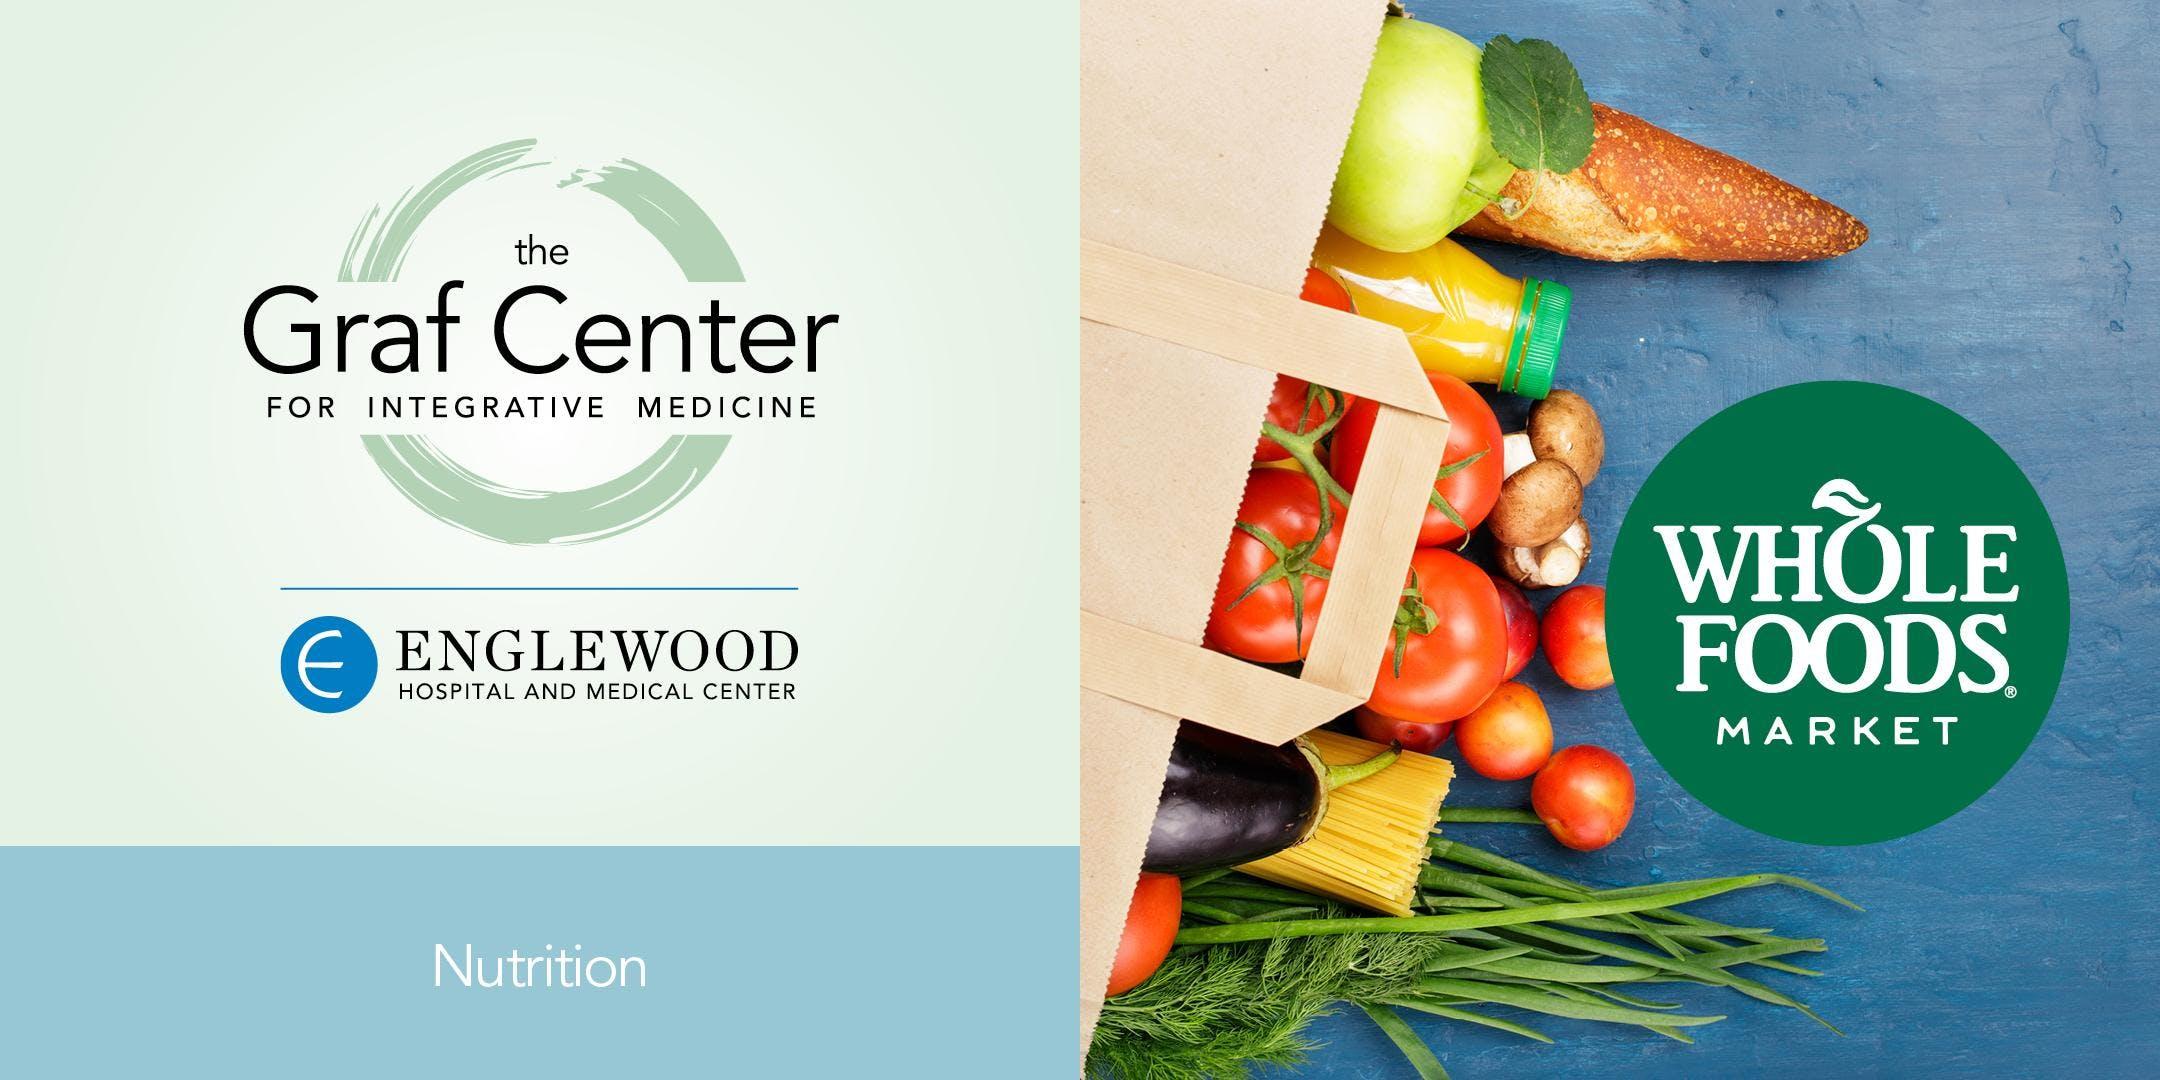 More info: Mediterranean Diet - Whole Foods Market Tour